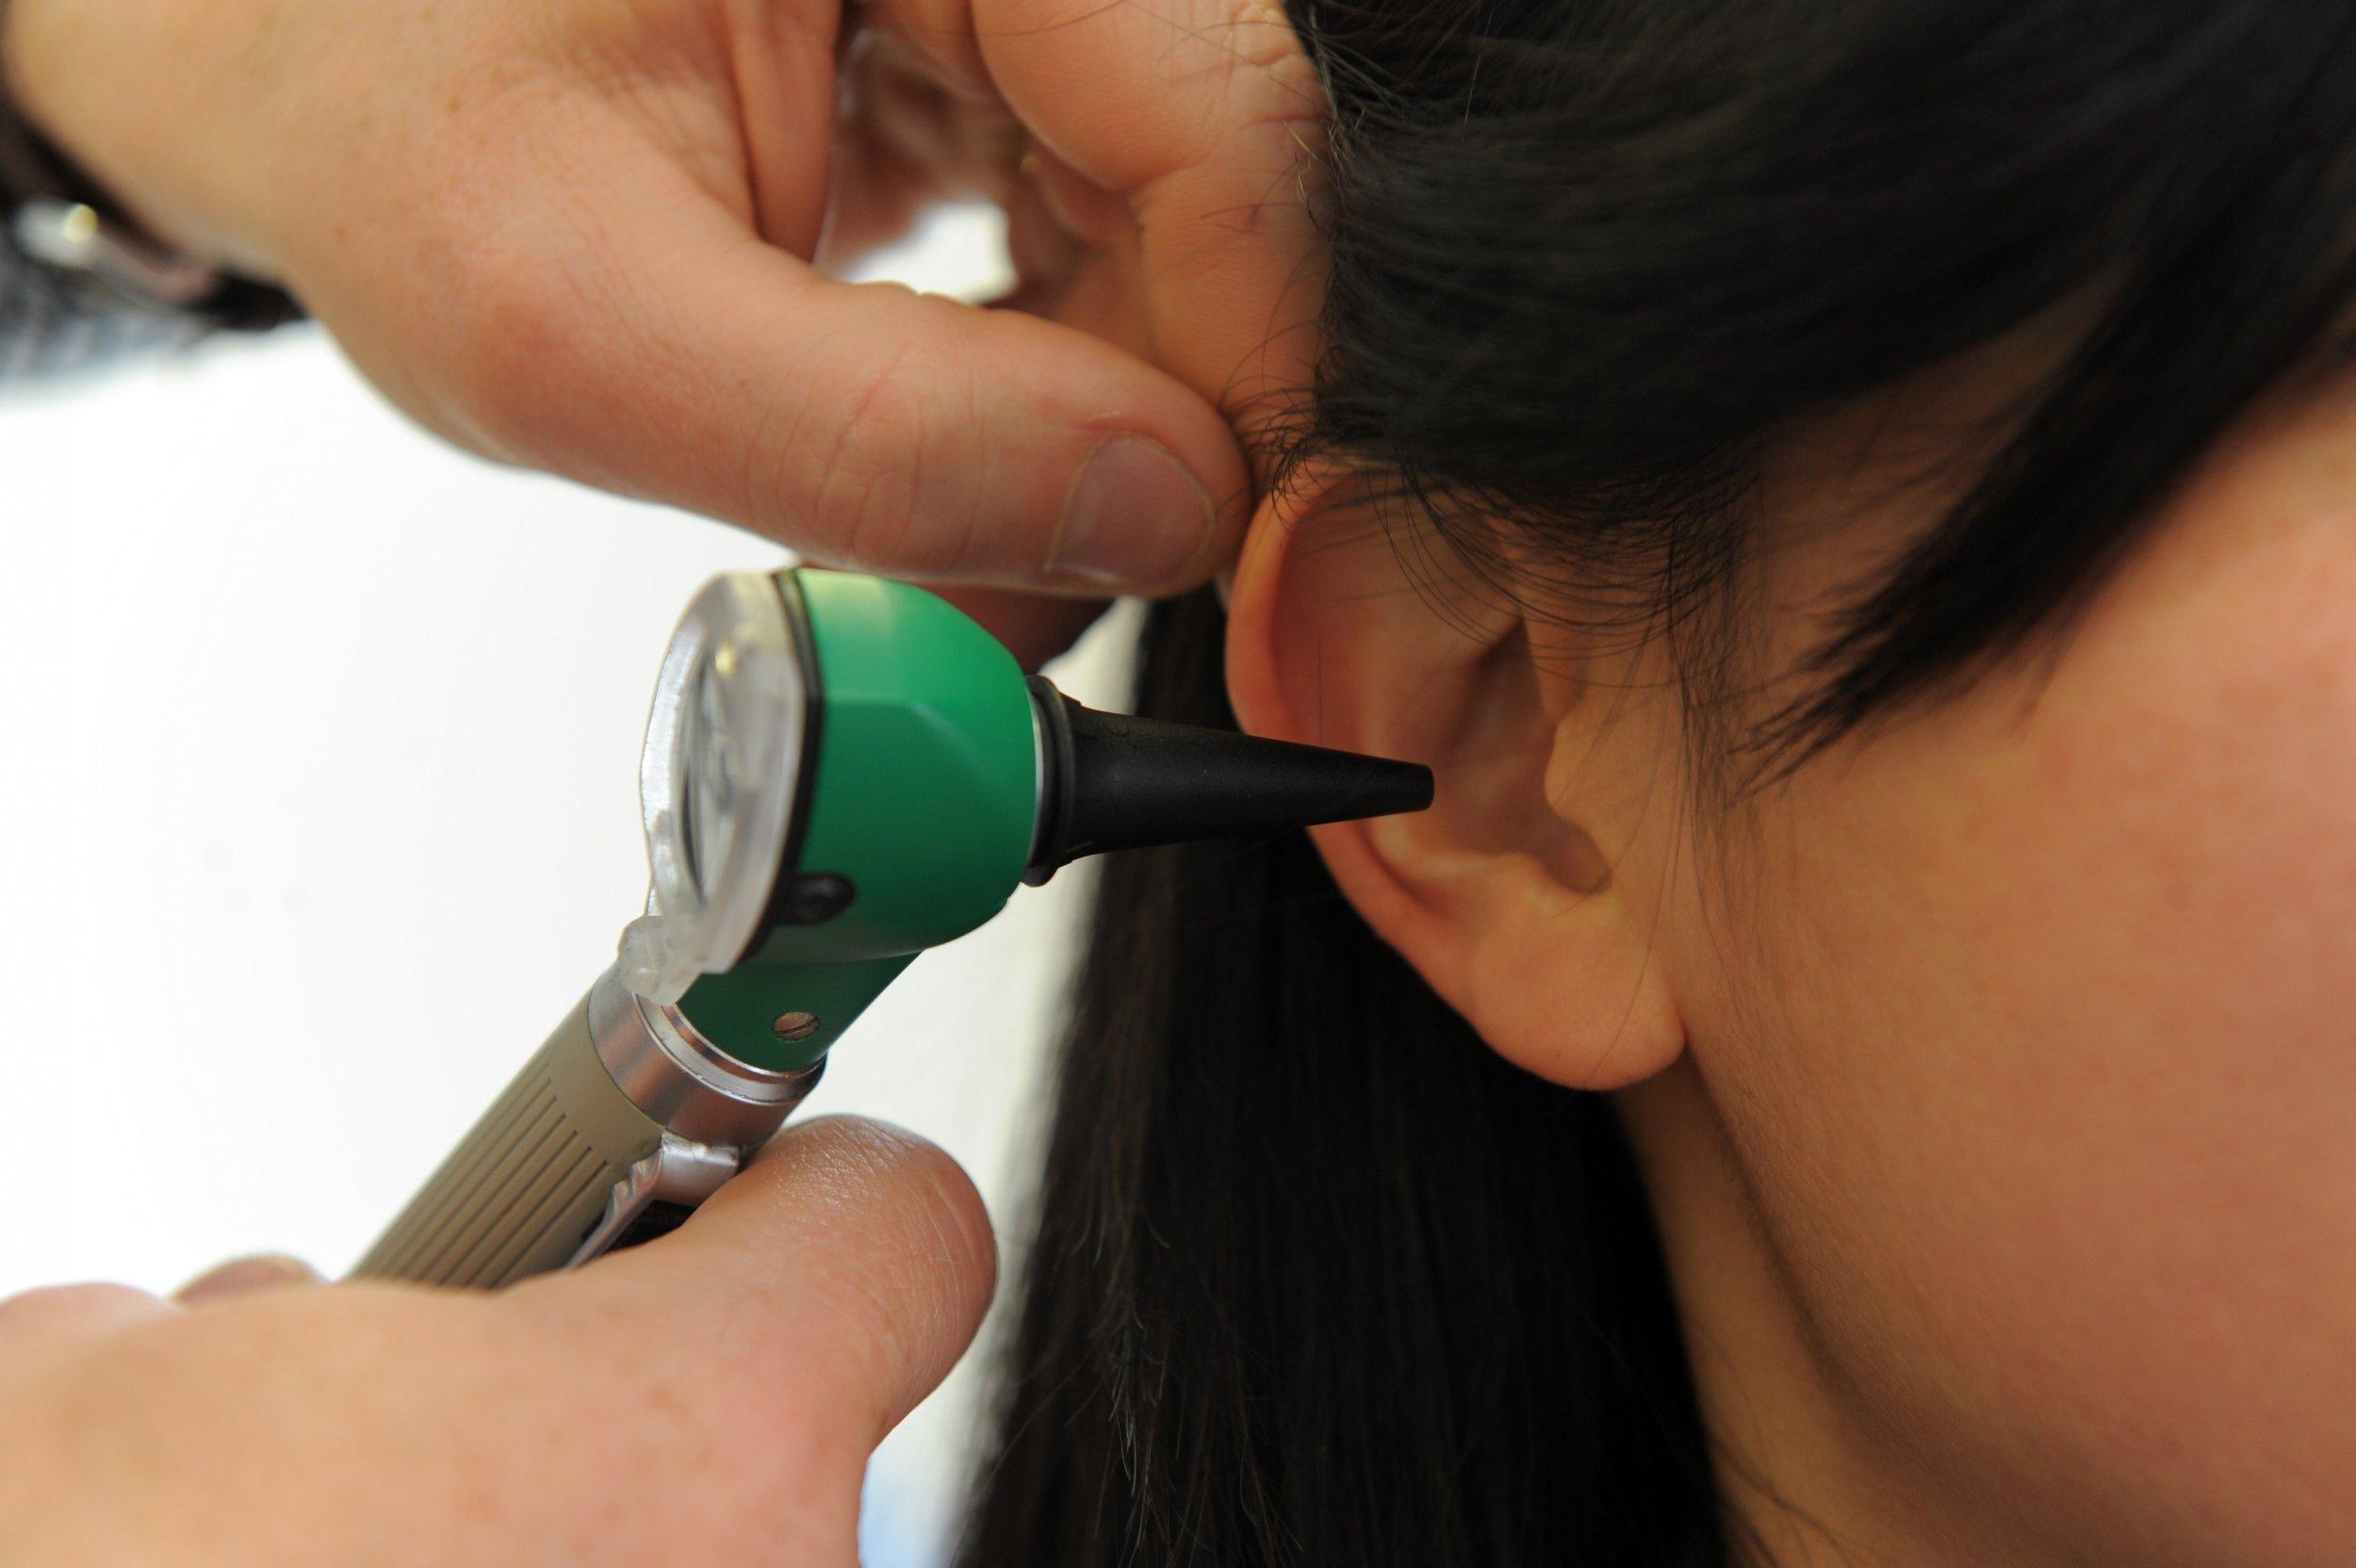 patient's ear